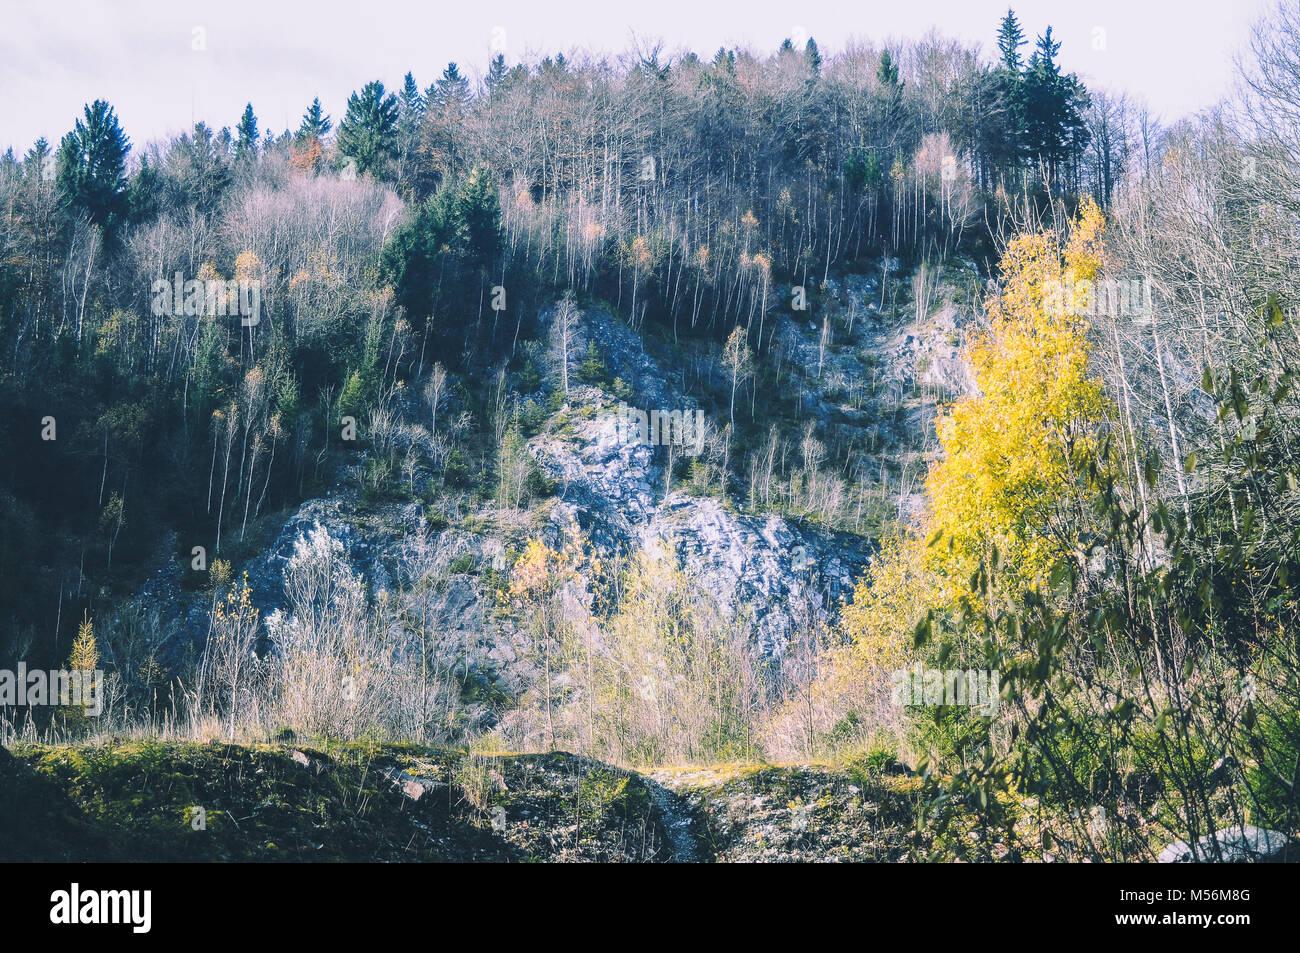 Vue de bas en haut sur les collines. Des lignes courbes et des arbres colorés à l'automne II Photo Stock